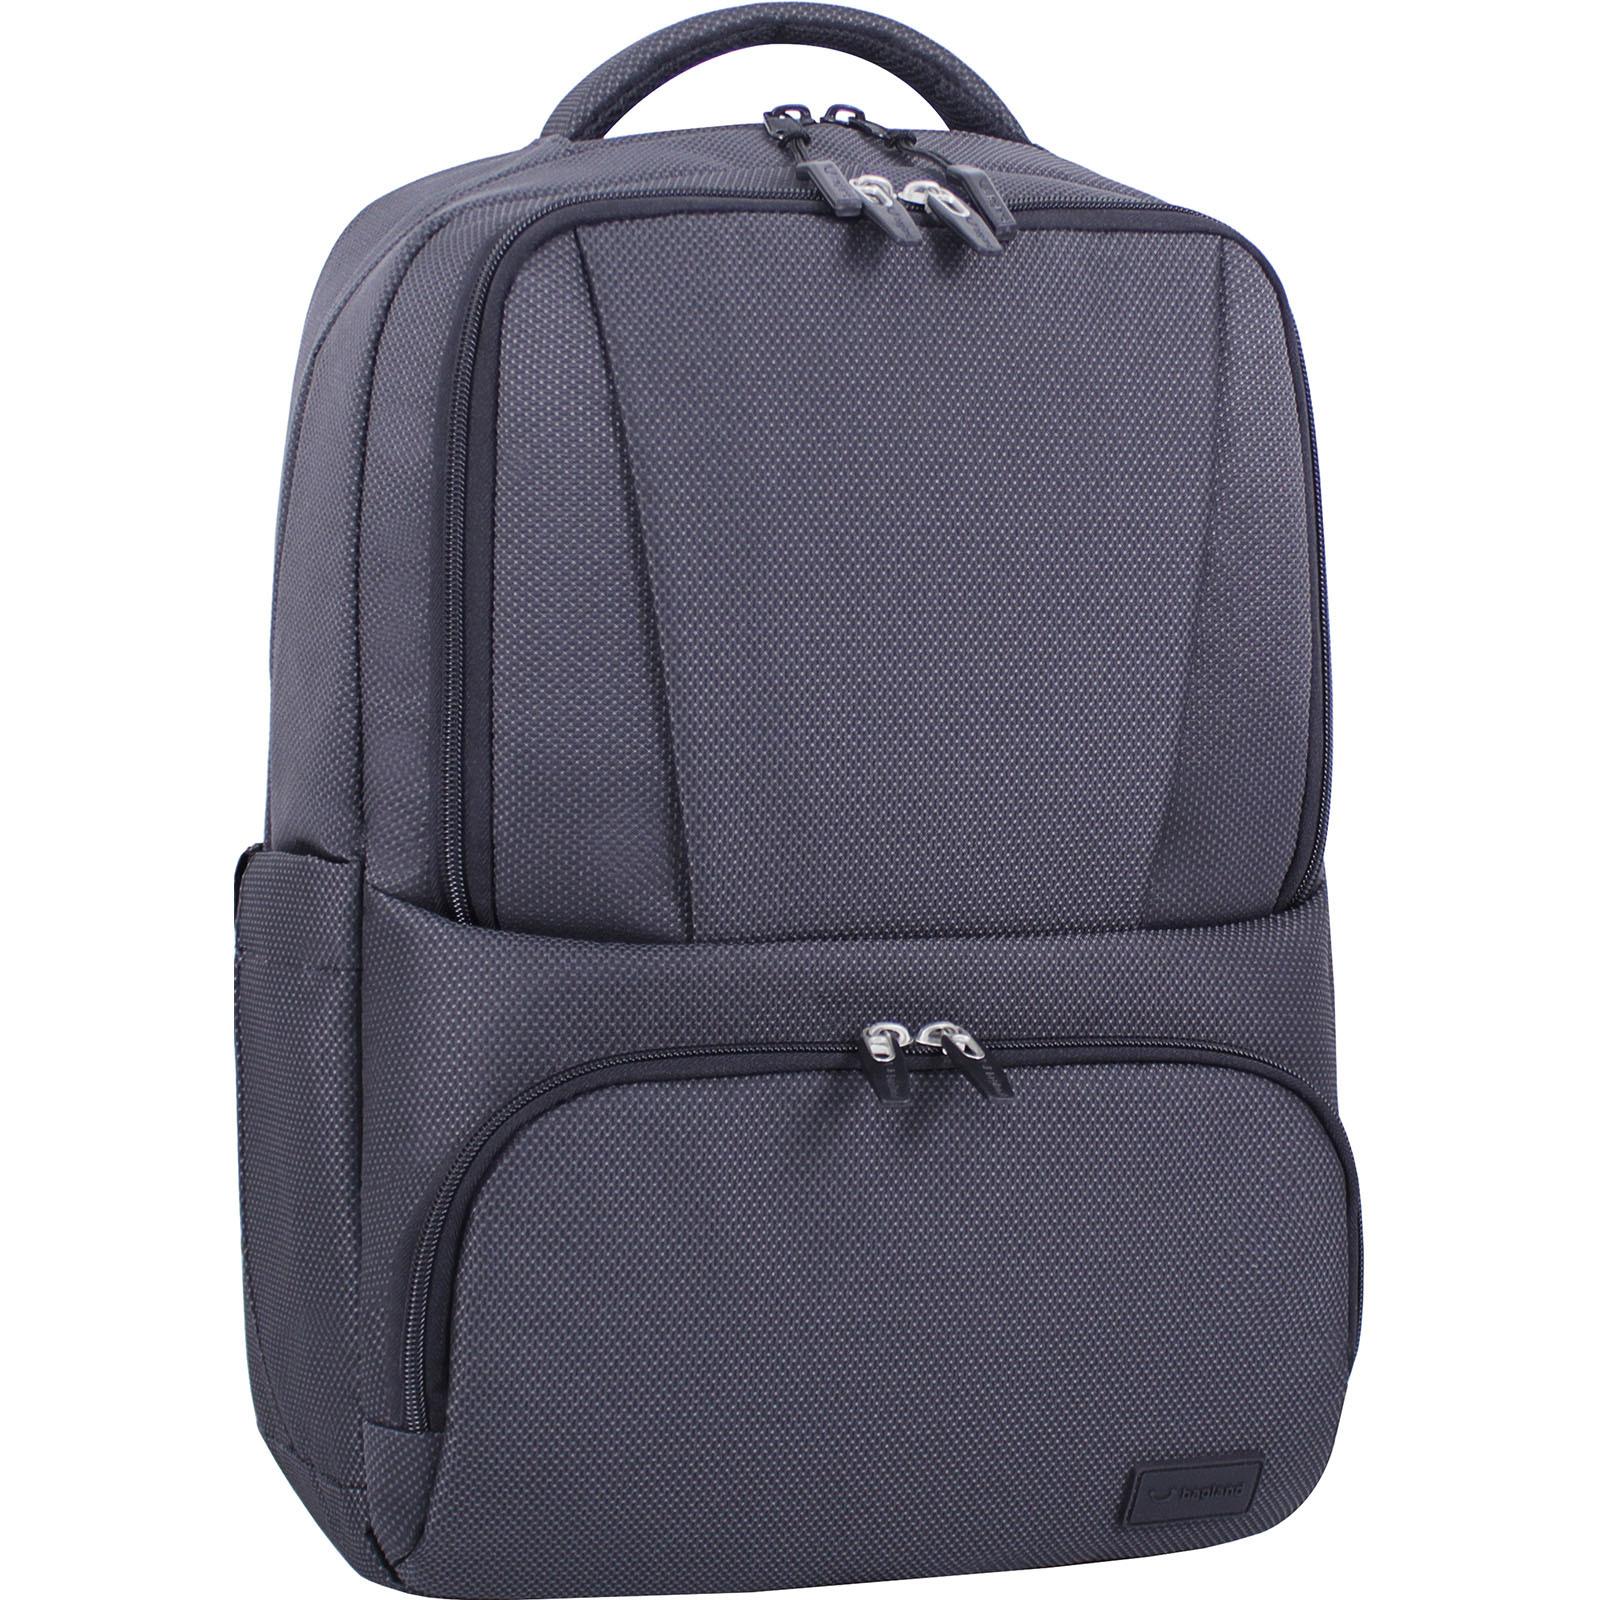 Рюкзак для ноутбука Bagland STARK черный (00143169) фото 1